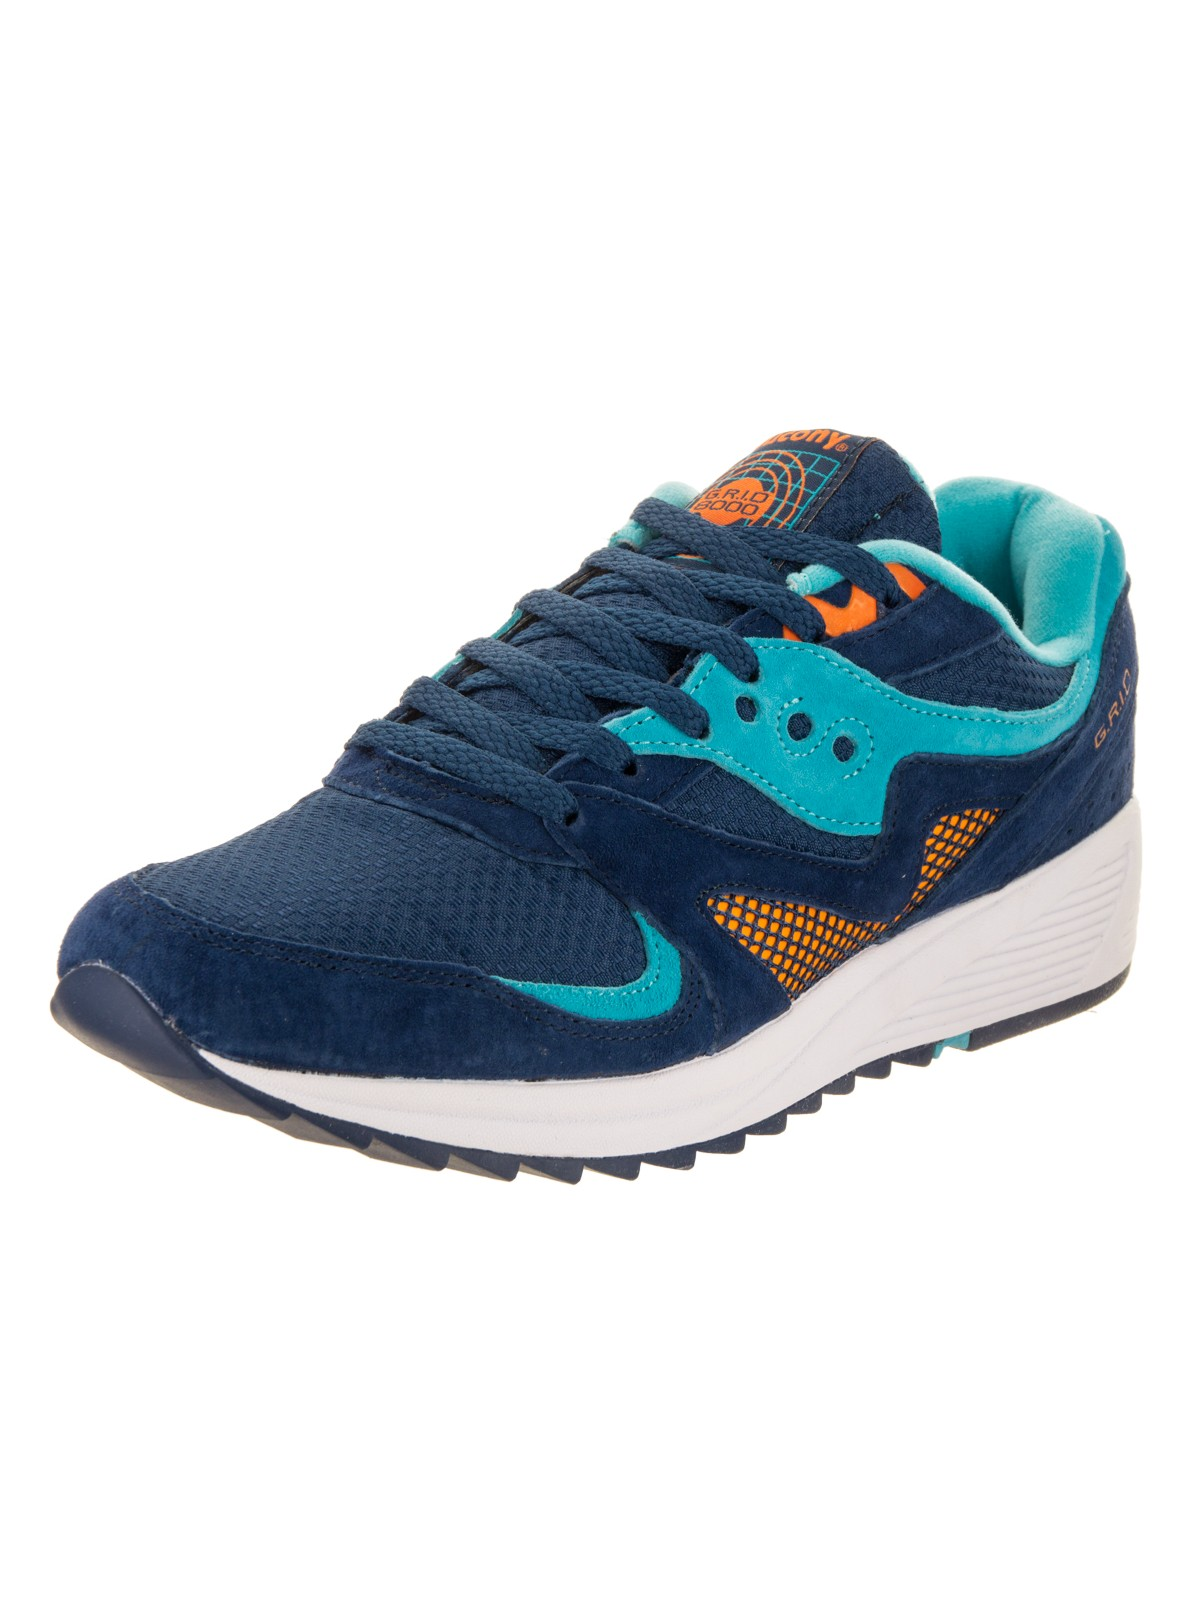 Men's Grid 8000 CL Running Shoe